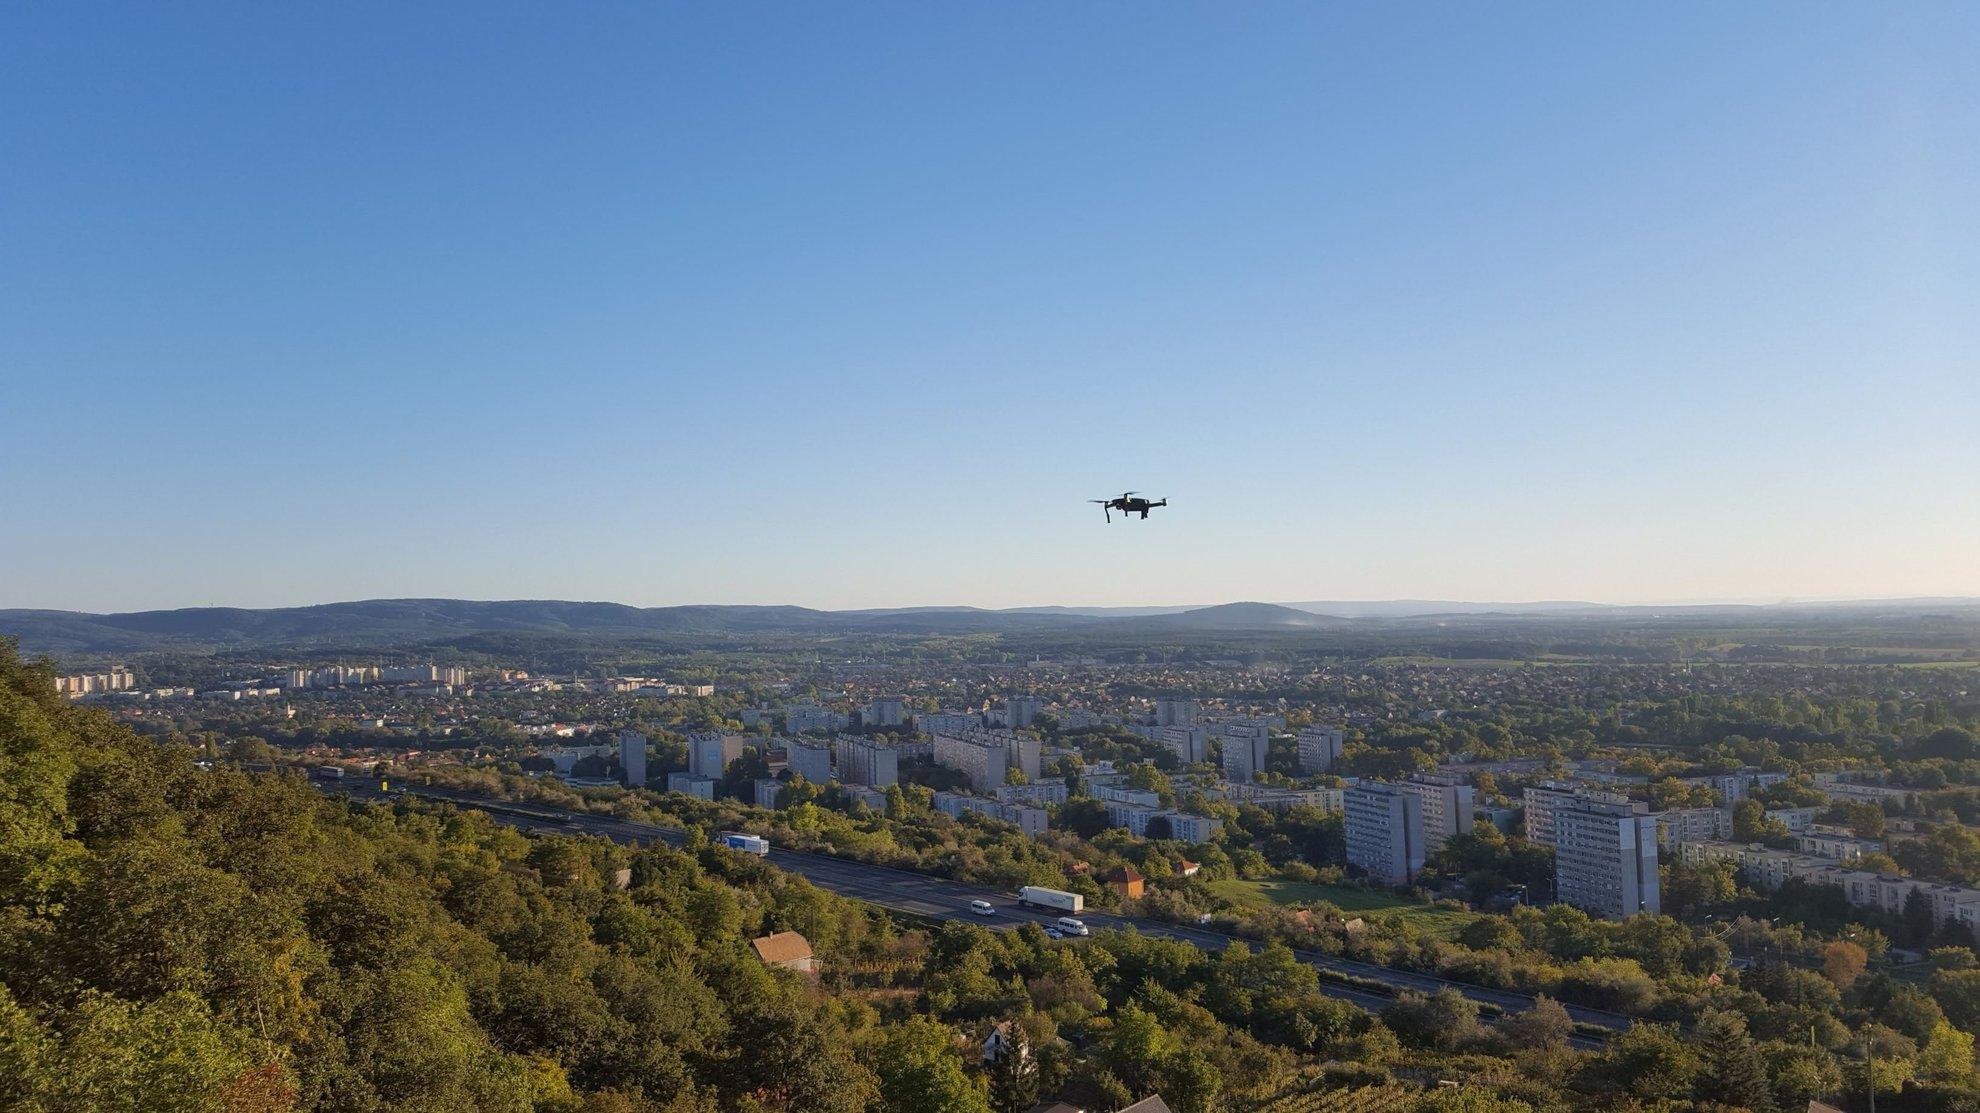 Drónfelvétel készül az Öt vezér via ferrátáról